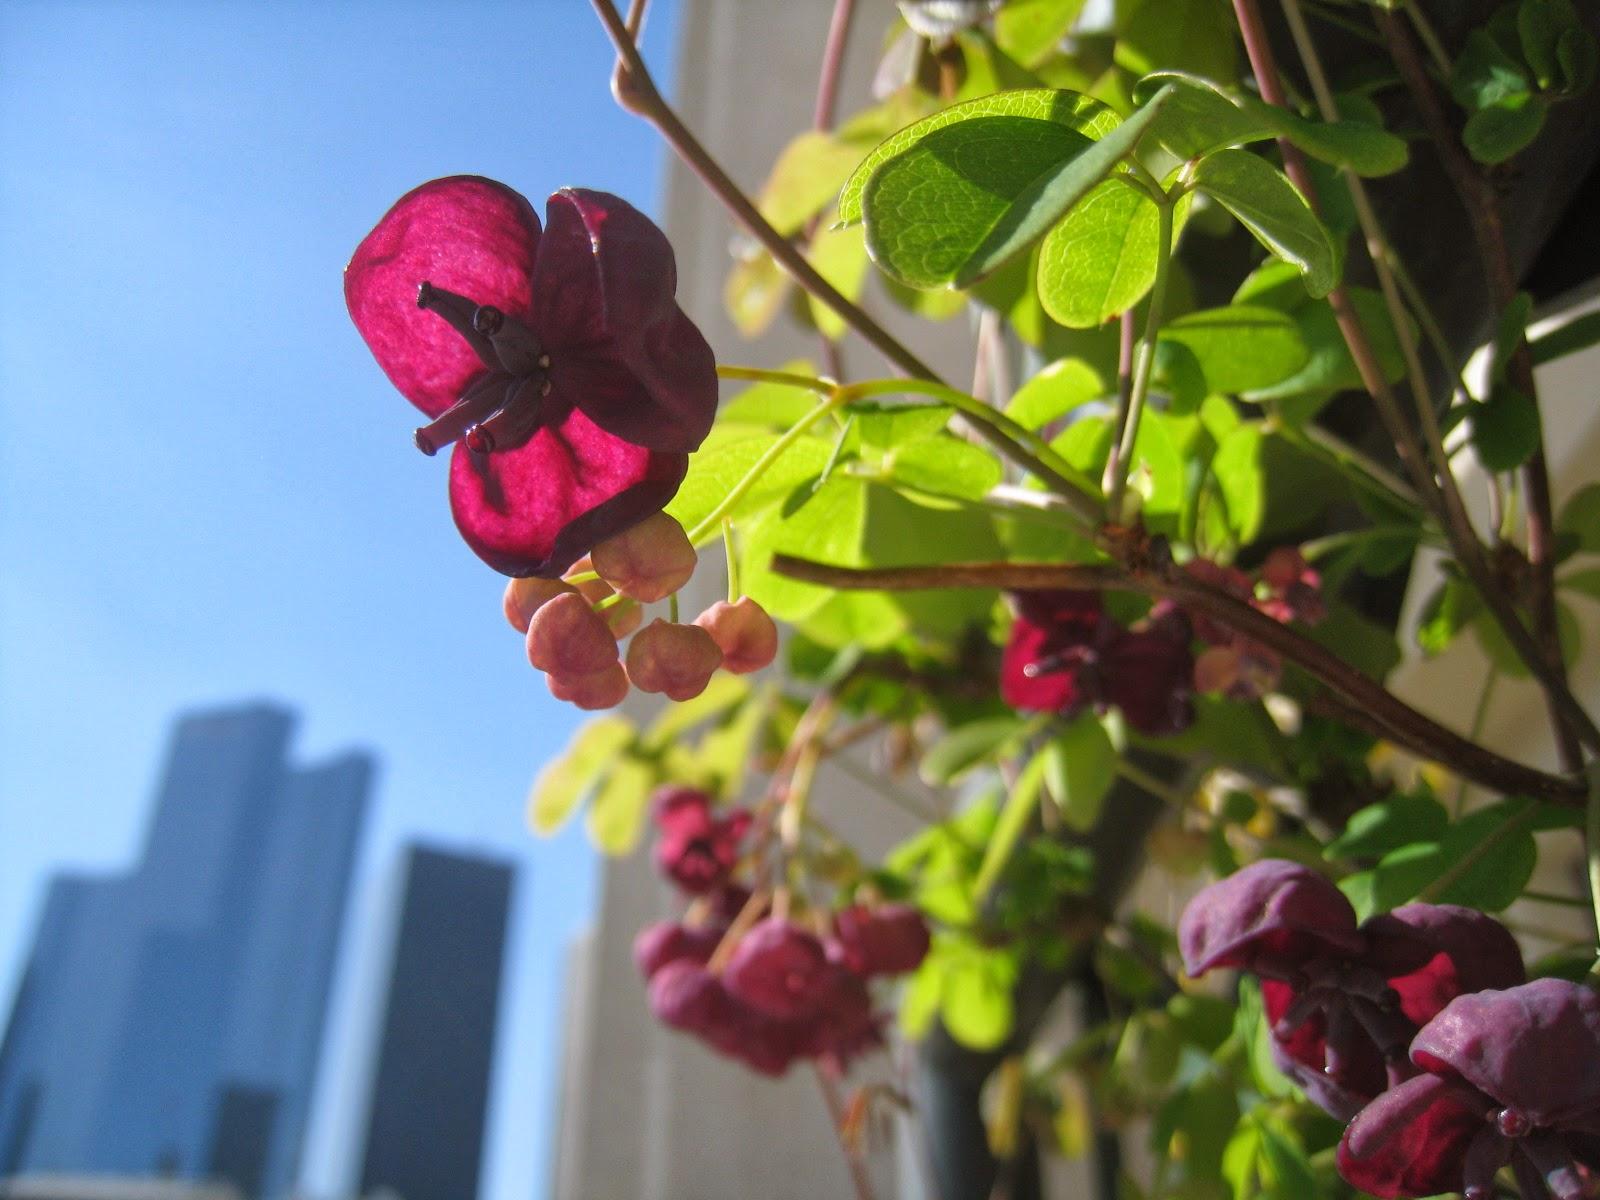 passion terrasse des fleurs de couleurs prune blanche rose parme et rouge. Black Bedroom Furniture Sets. Home Design Ideas